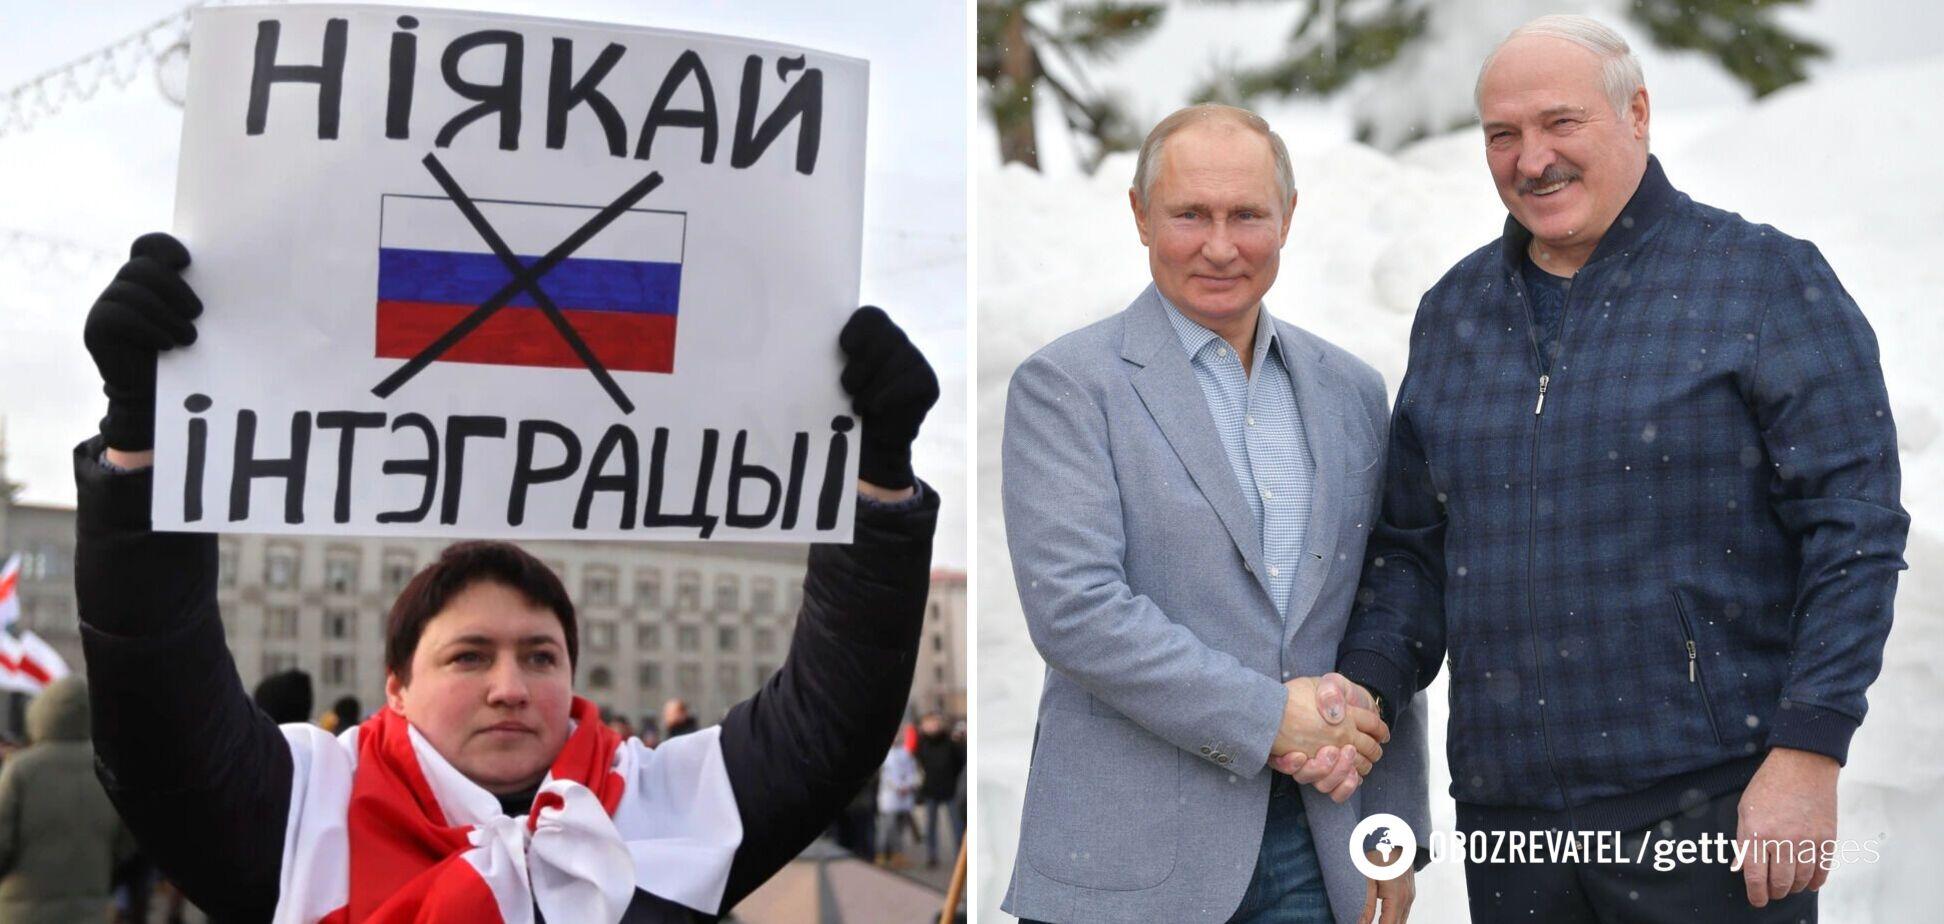 Ілларіонов заявив, що Путін хоче поглинути Білорусь, і назвав терміни